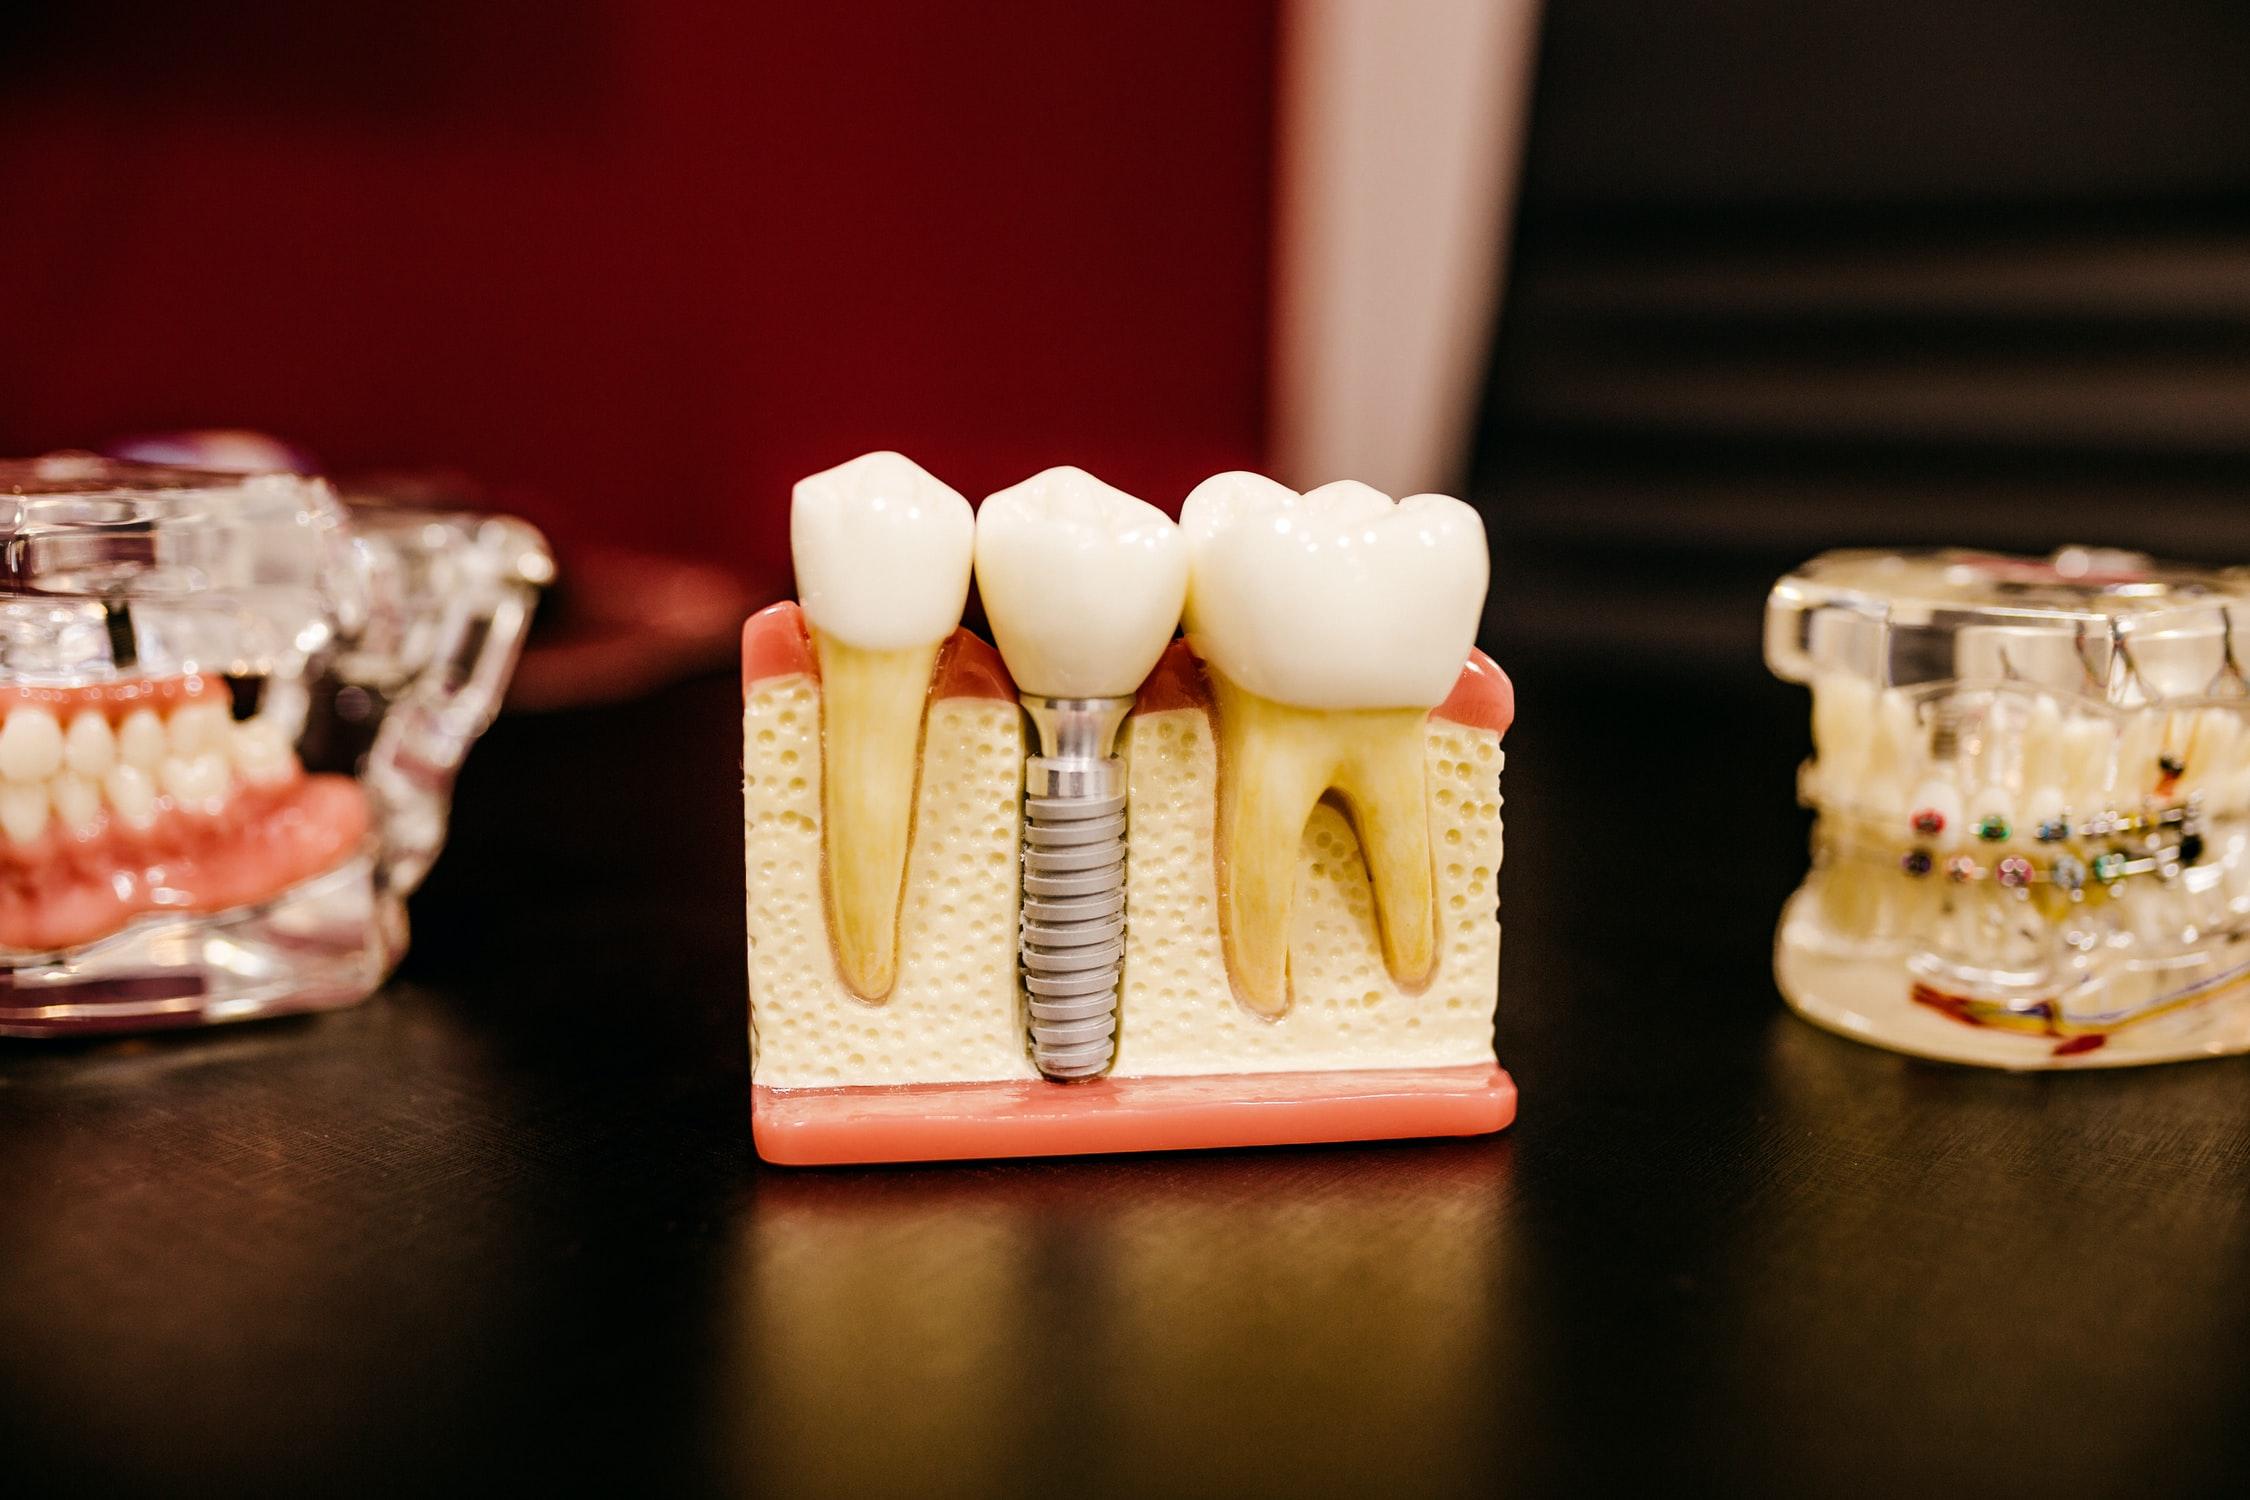 Legătura dintre aparat dentar și implant – la ce procedură trebuie să apelezi mai întâi?